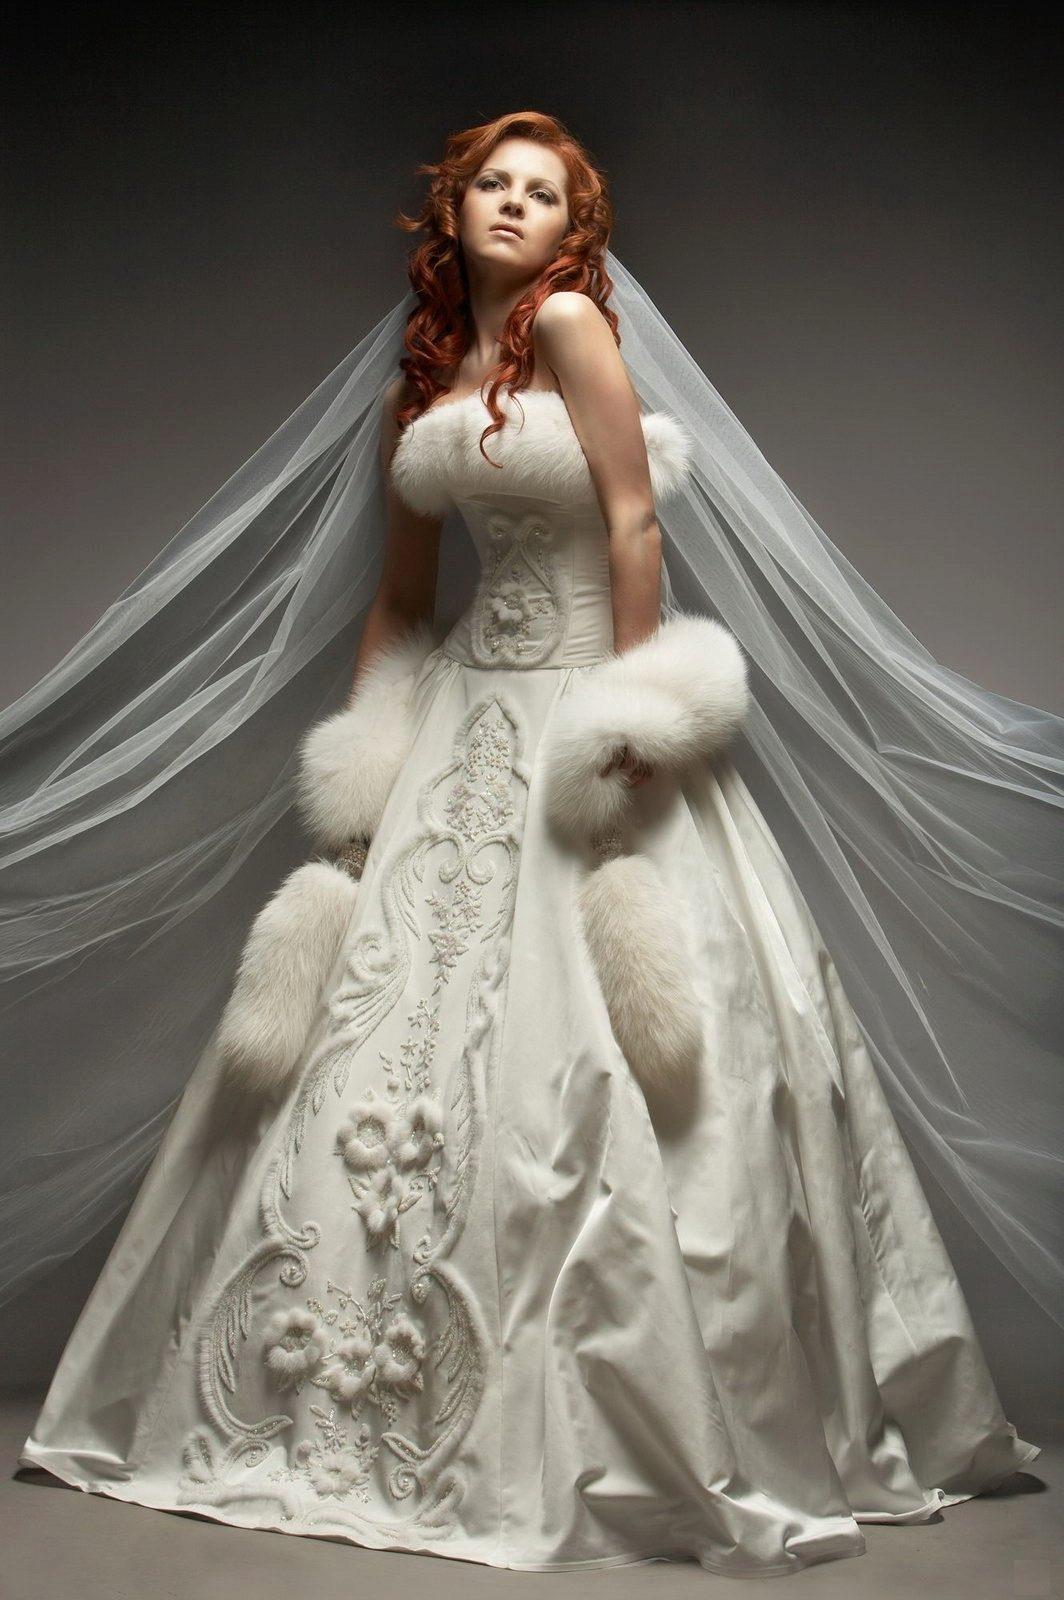 Ххх в свадебном платье 8 фотография